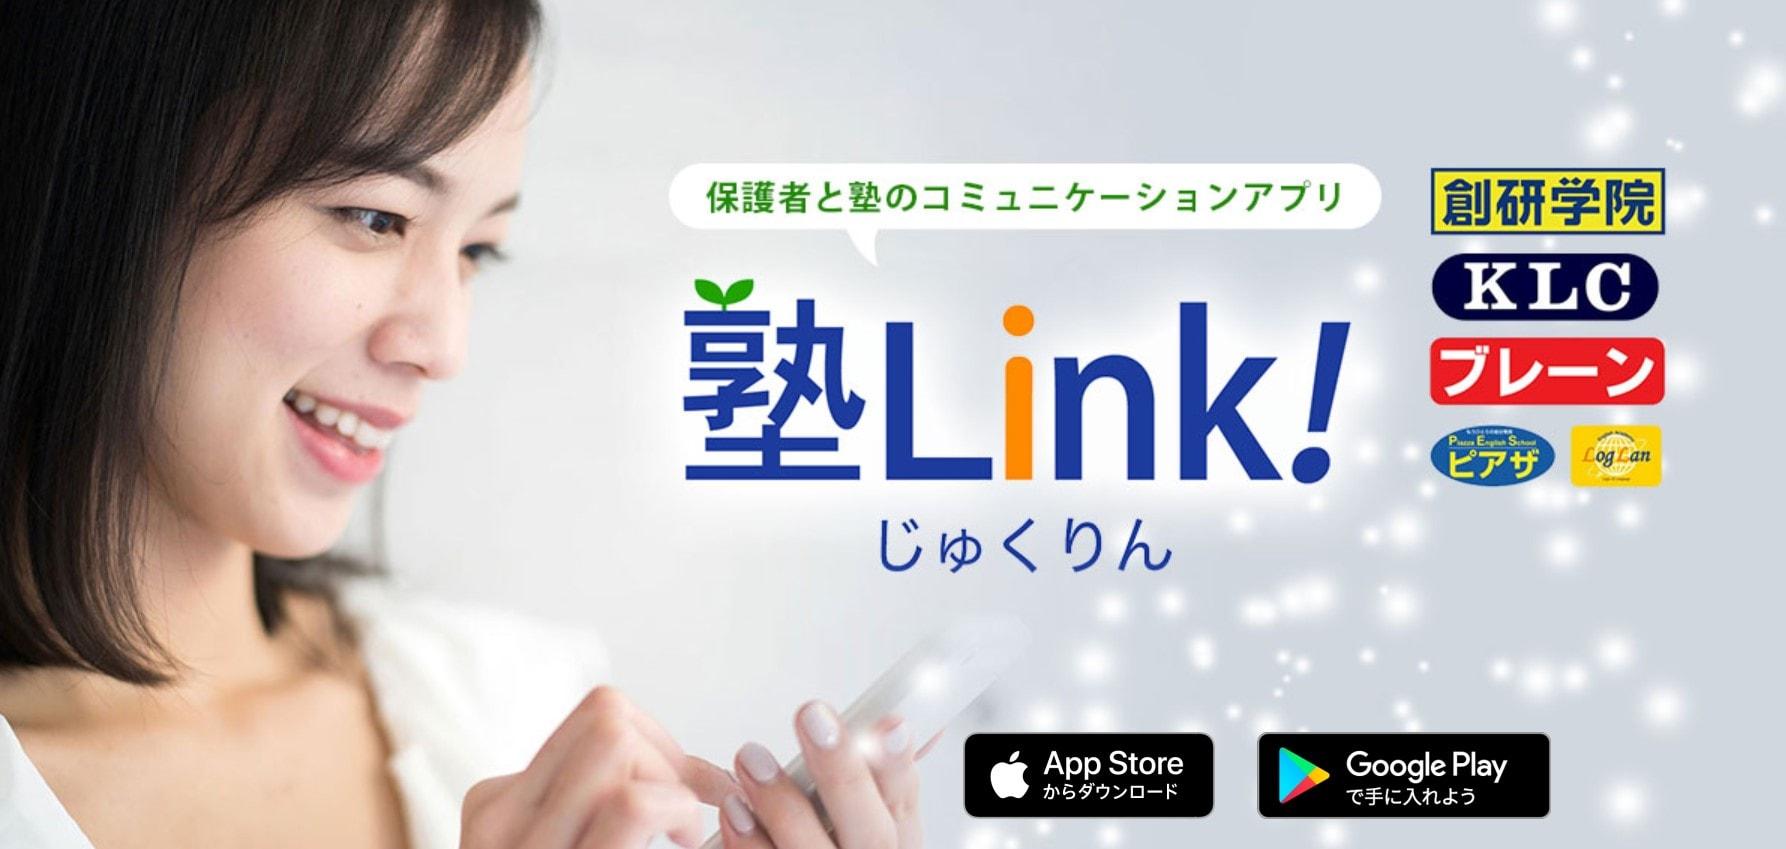 創研学院の塾Link!(専用アプリ)